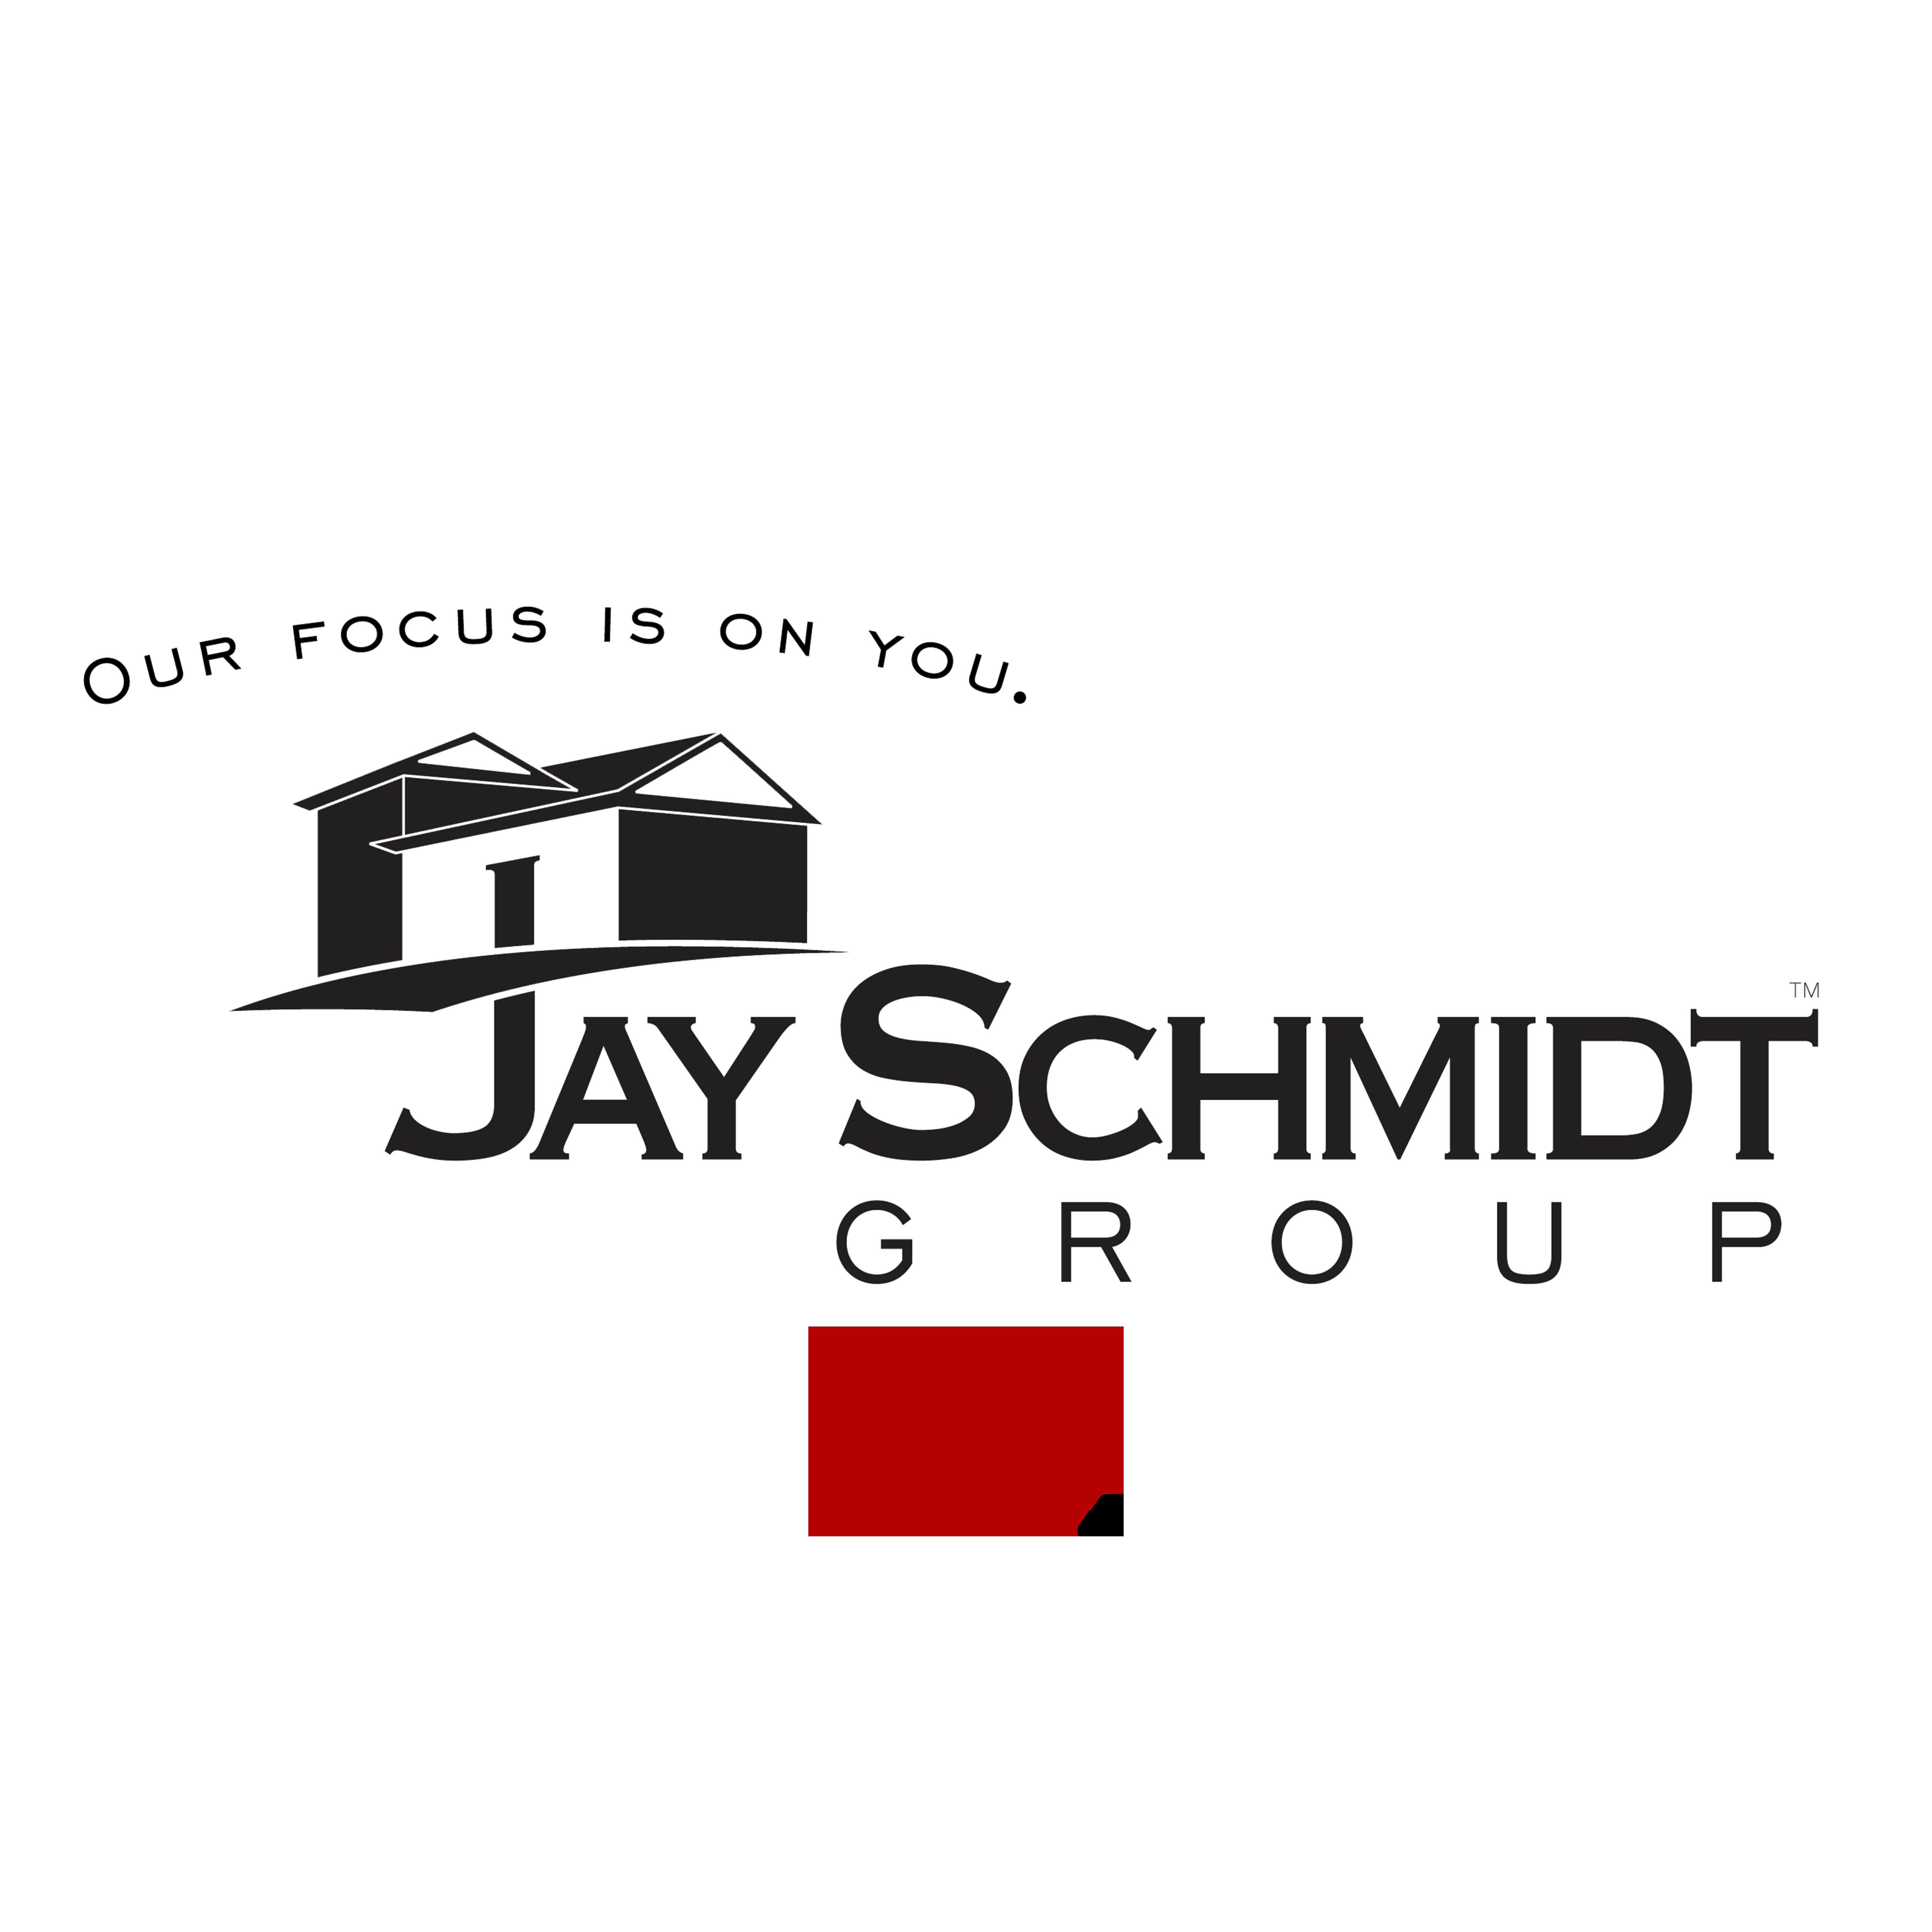 The Jay Schmidt Group